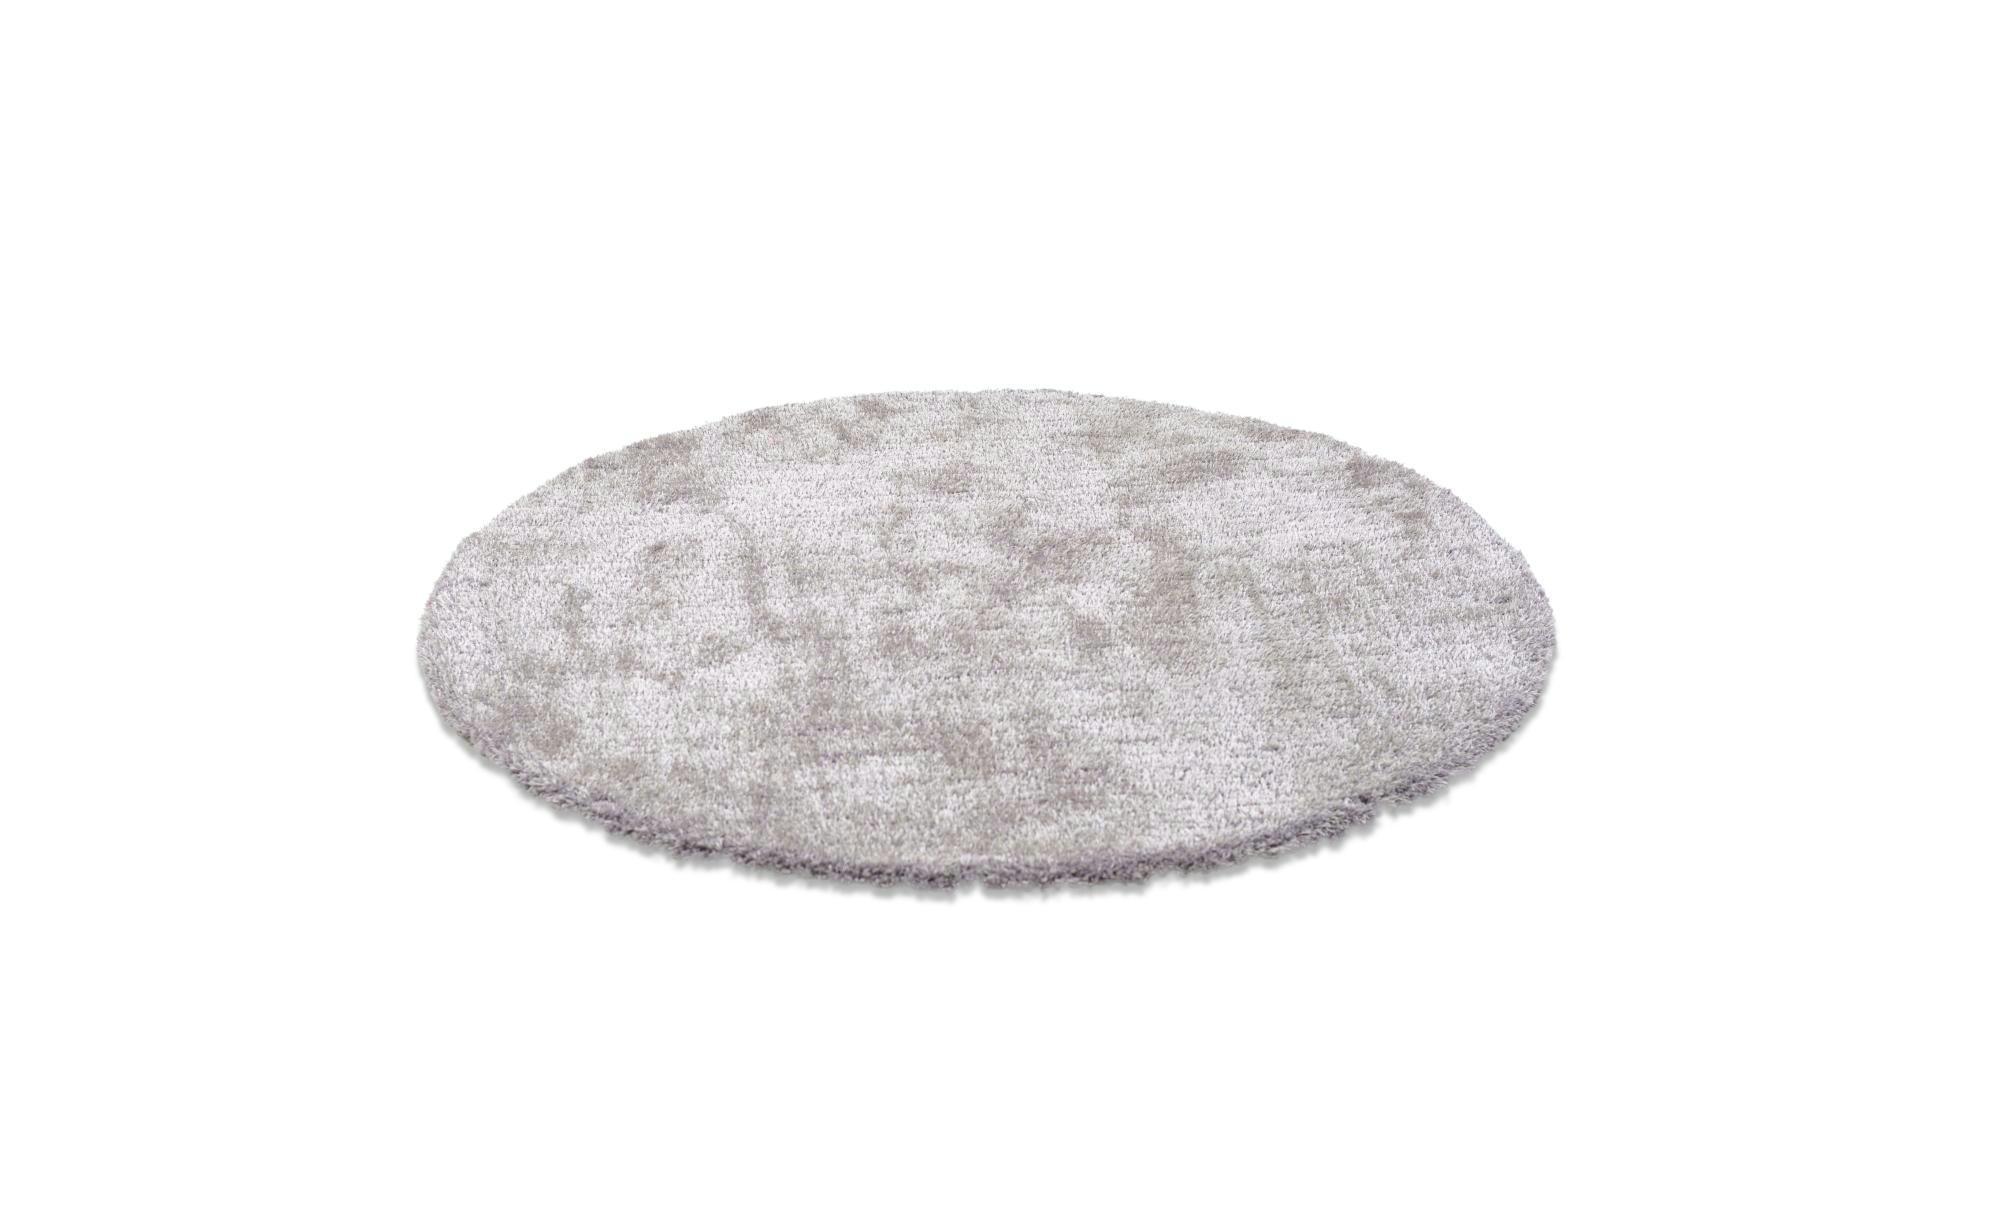 Tom Tailor Handtuft  Soft ¦ grau ¦ 100 % PolypropylenØ: [140.0] Teppiche > Wohnteppiche - Höffner